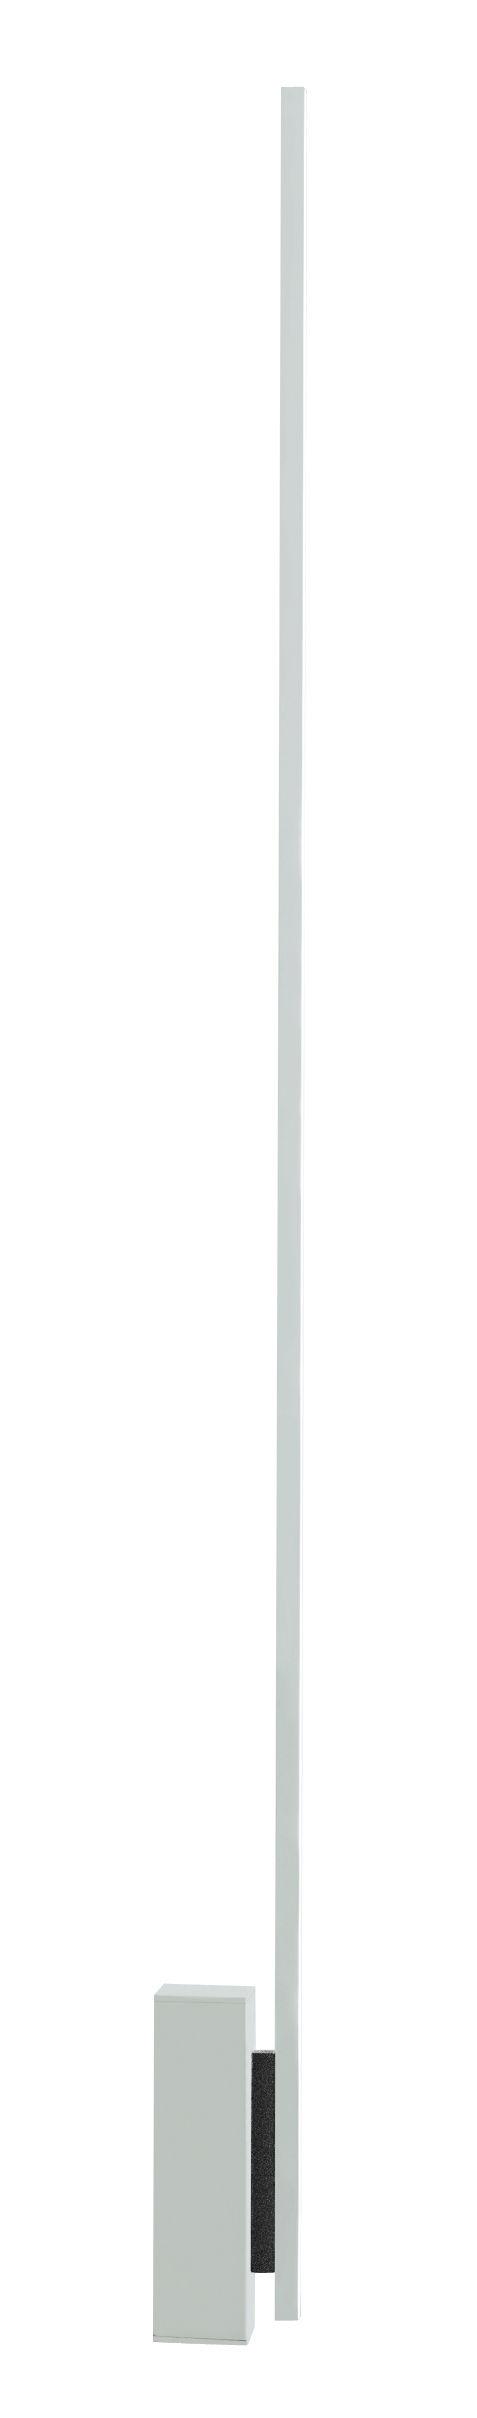 Illuminazione - Lampade da terra - Lampada a stelo Linescapes - / LED - H 192 cm di Nemo -  - alluminio estruso, policarbonato